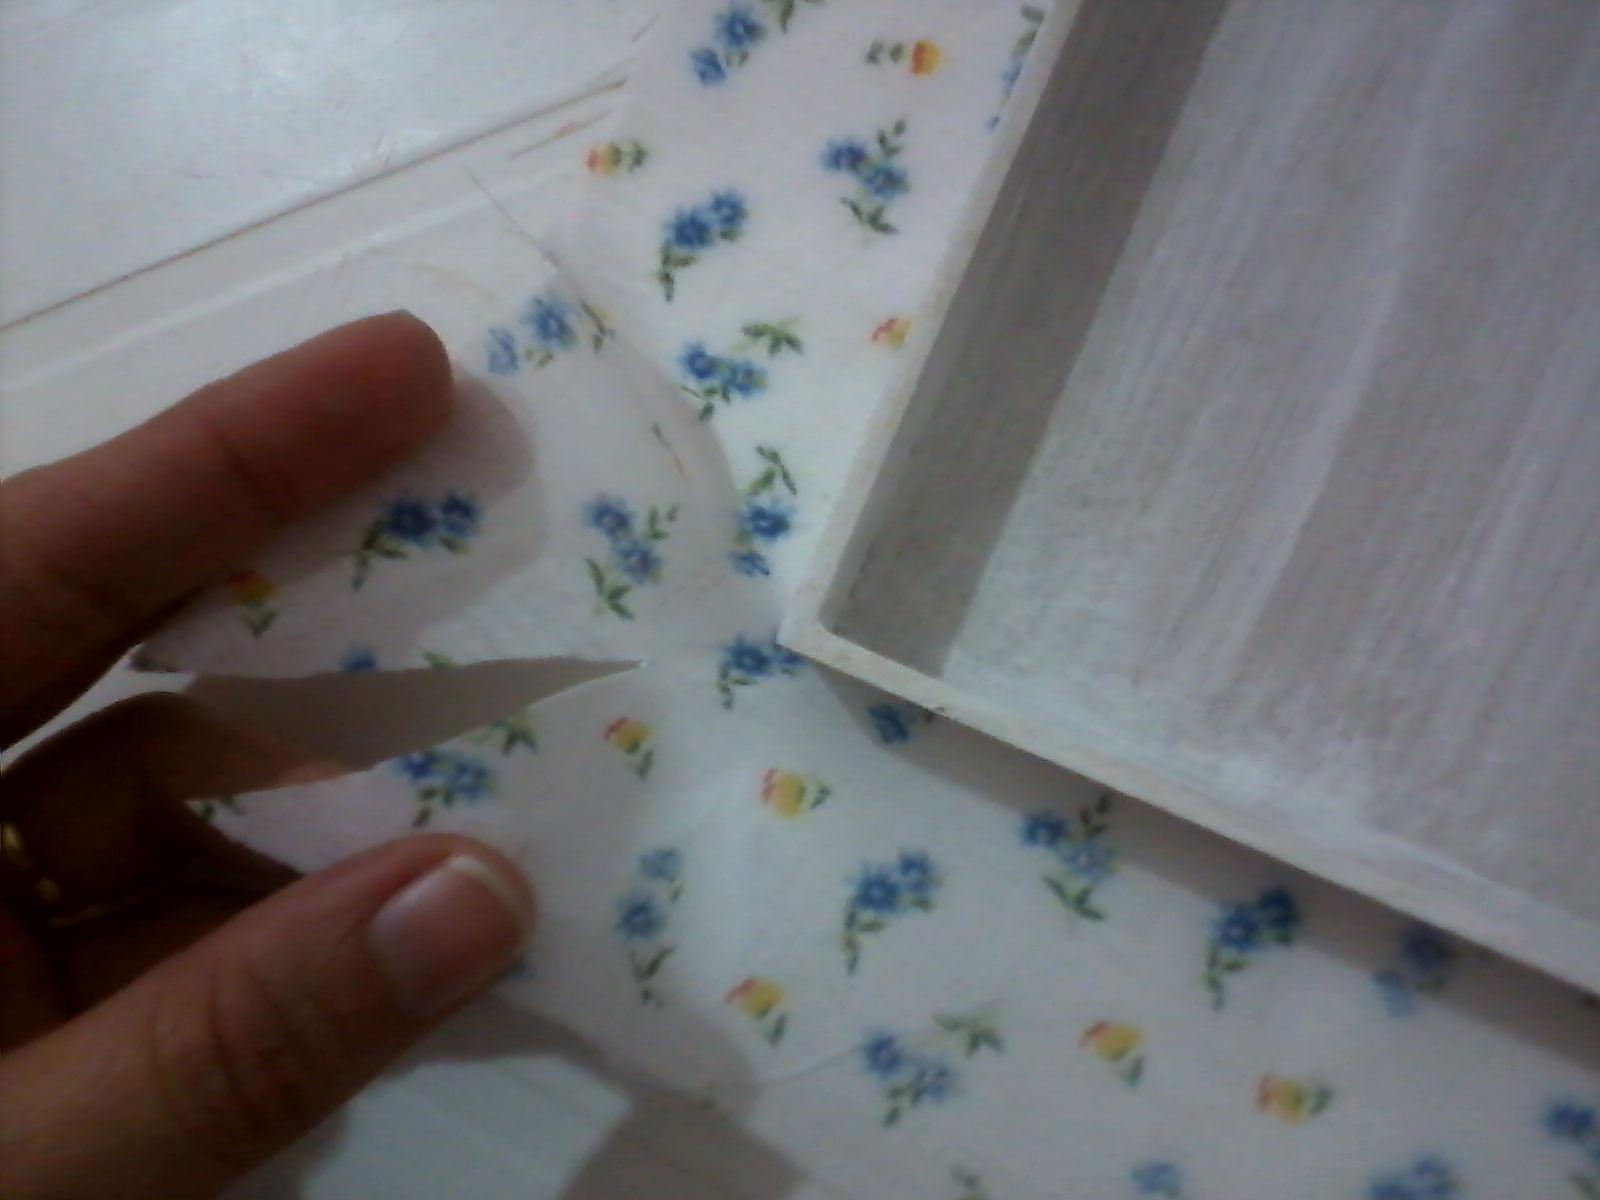 Ateliê RobLili: Caixa mdf forrada com tecido #362620 1600x1200